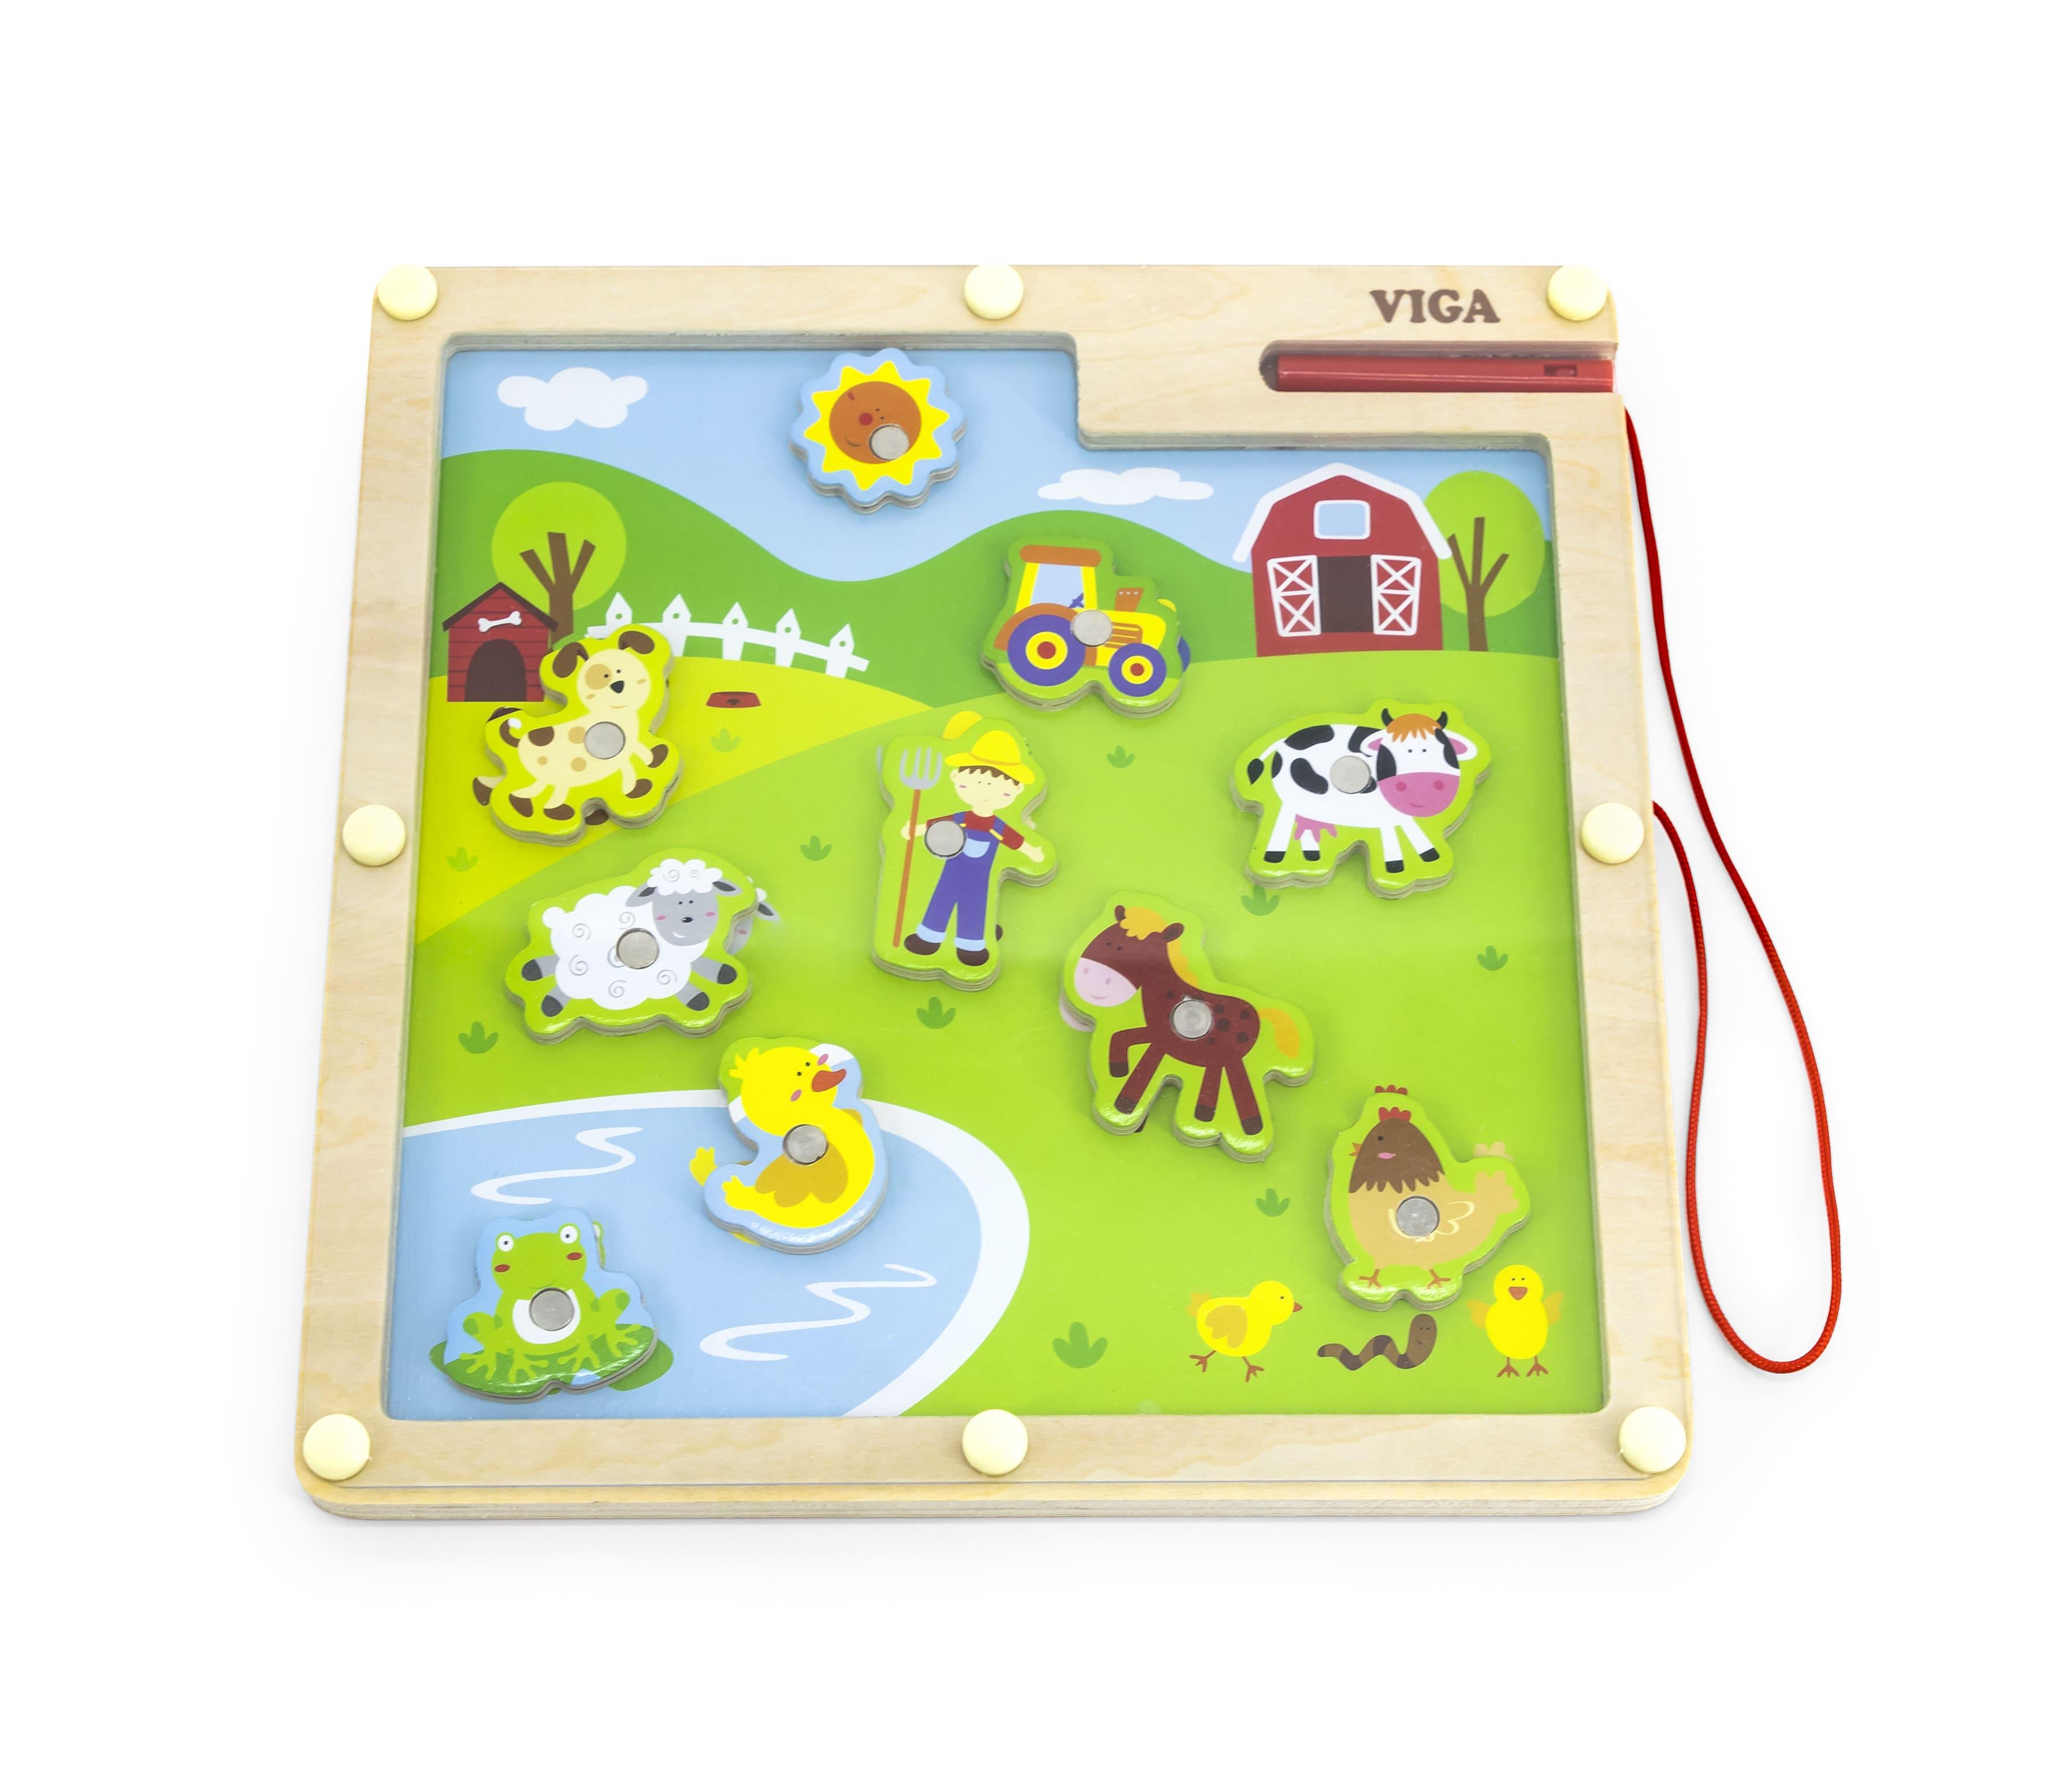 Магнитна образователна игра с животни от фермата Viga toys-bellamiestore